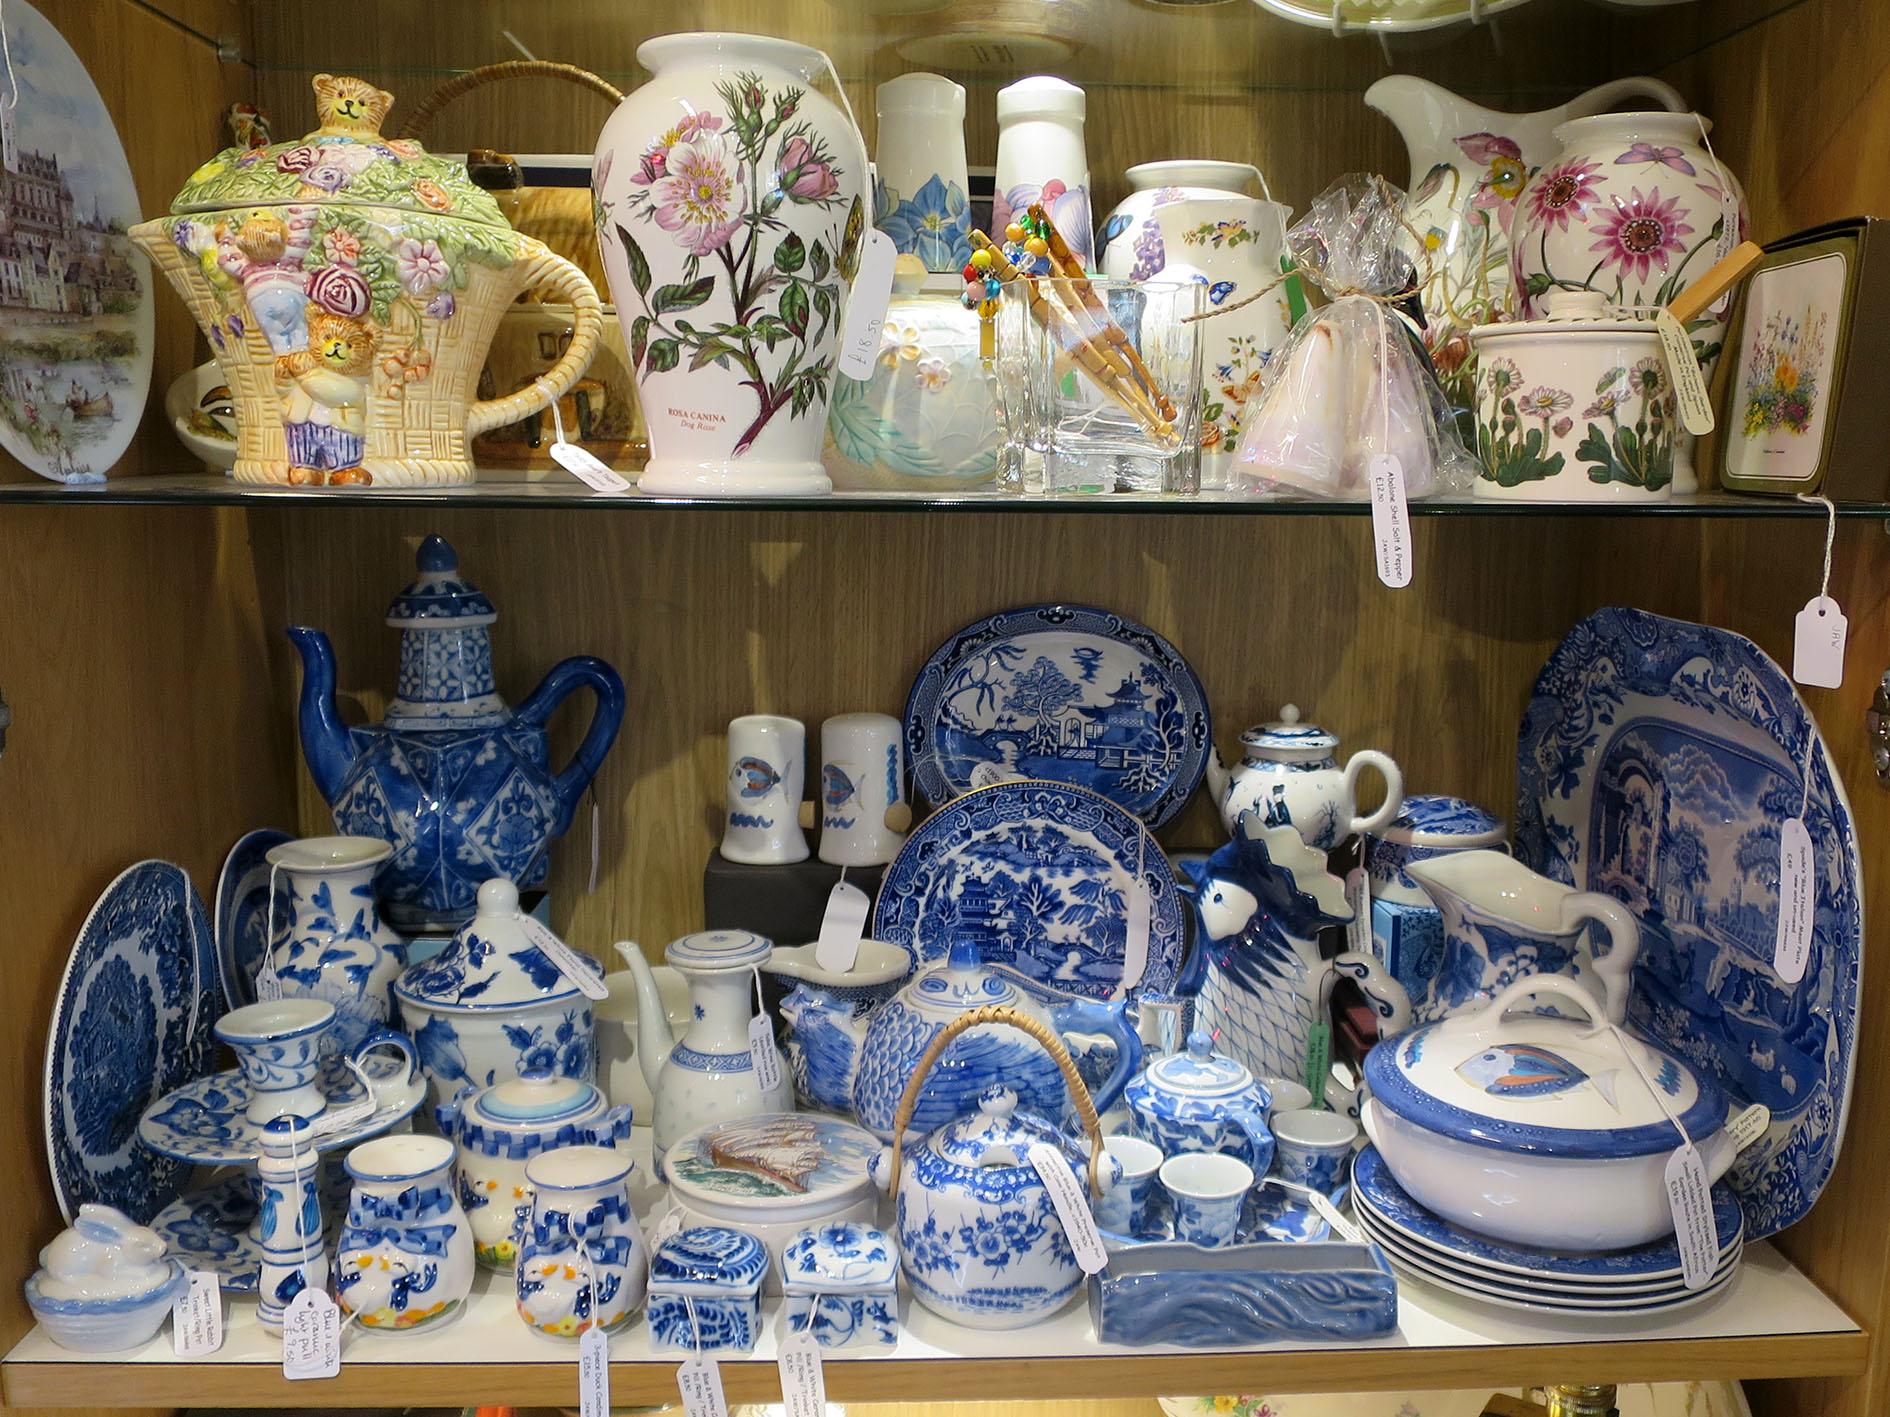 Sail_Loft_Blue__White_Ceramics